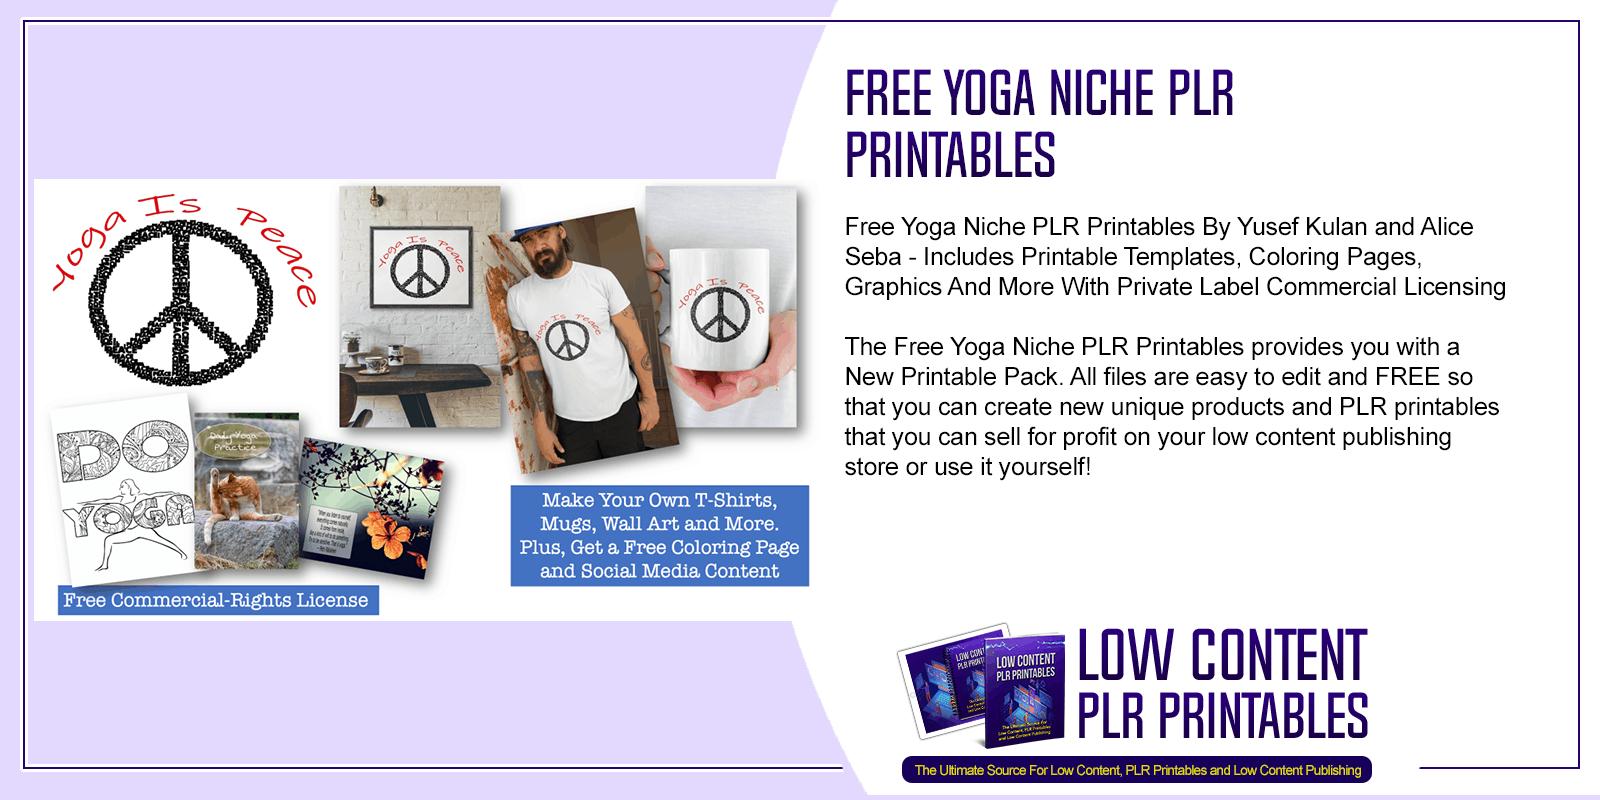 Free Yoga Niche PLR Printables